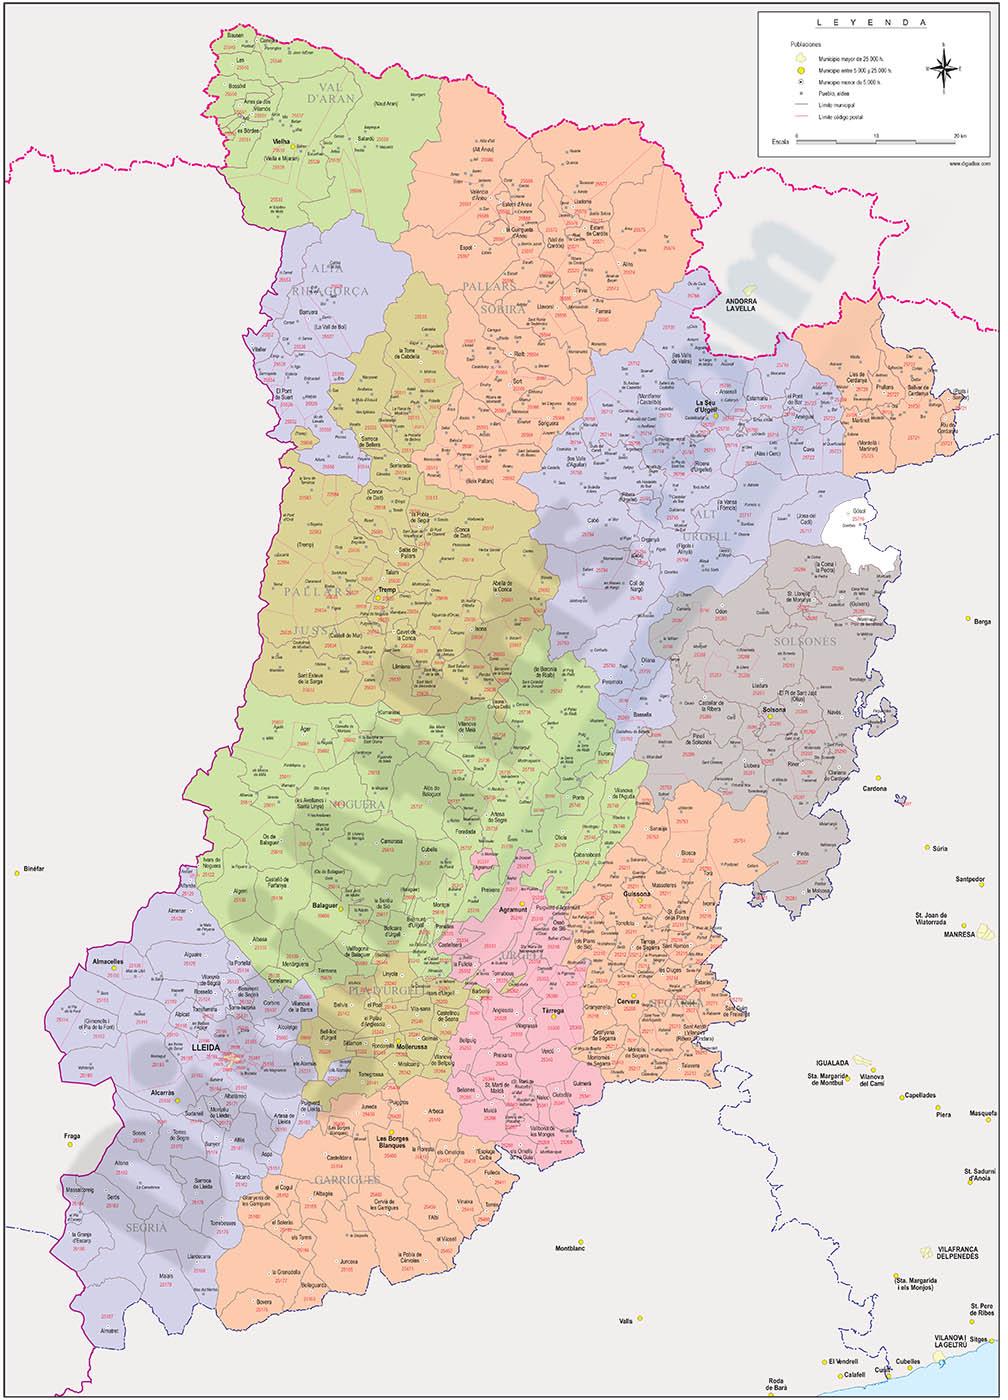 Lleida - mapa provincial con municipios, comarcas y códigos postales